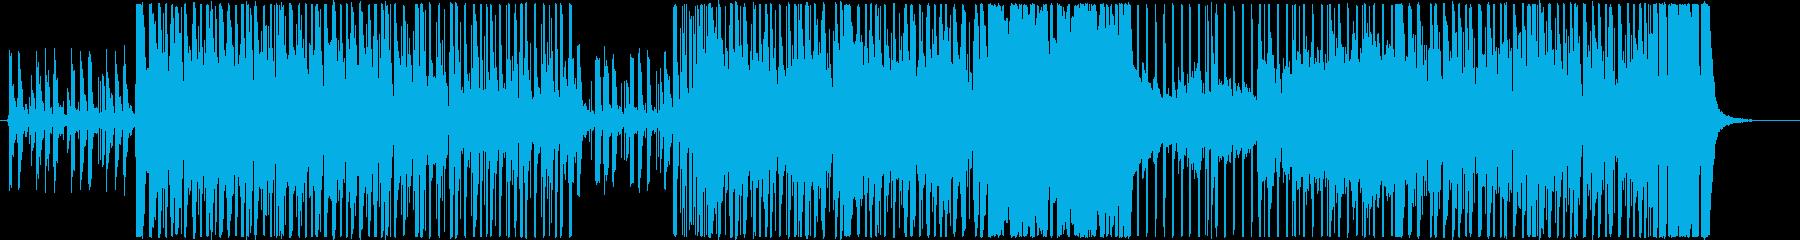 アルトサックスのコーラスによるダイ...の再生済みの波形